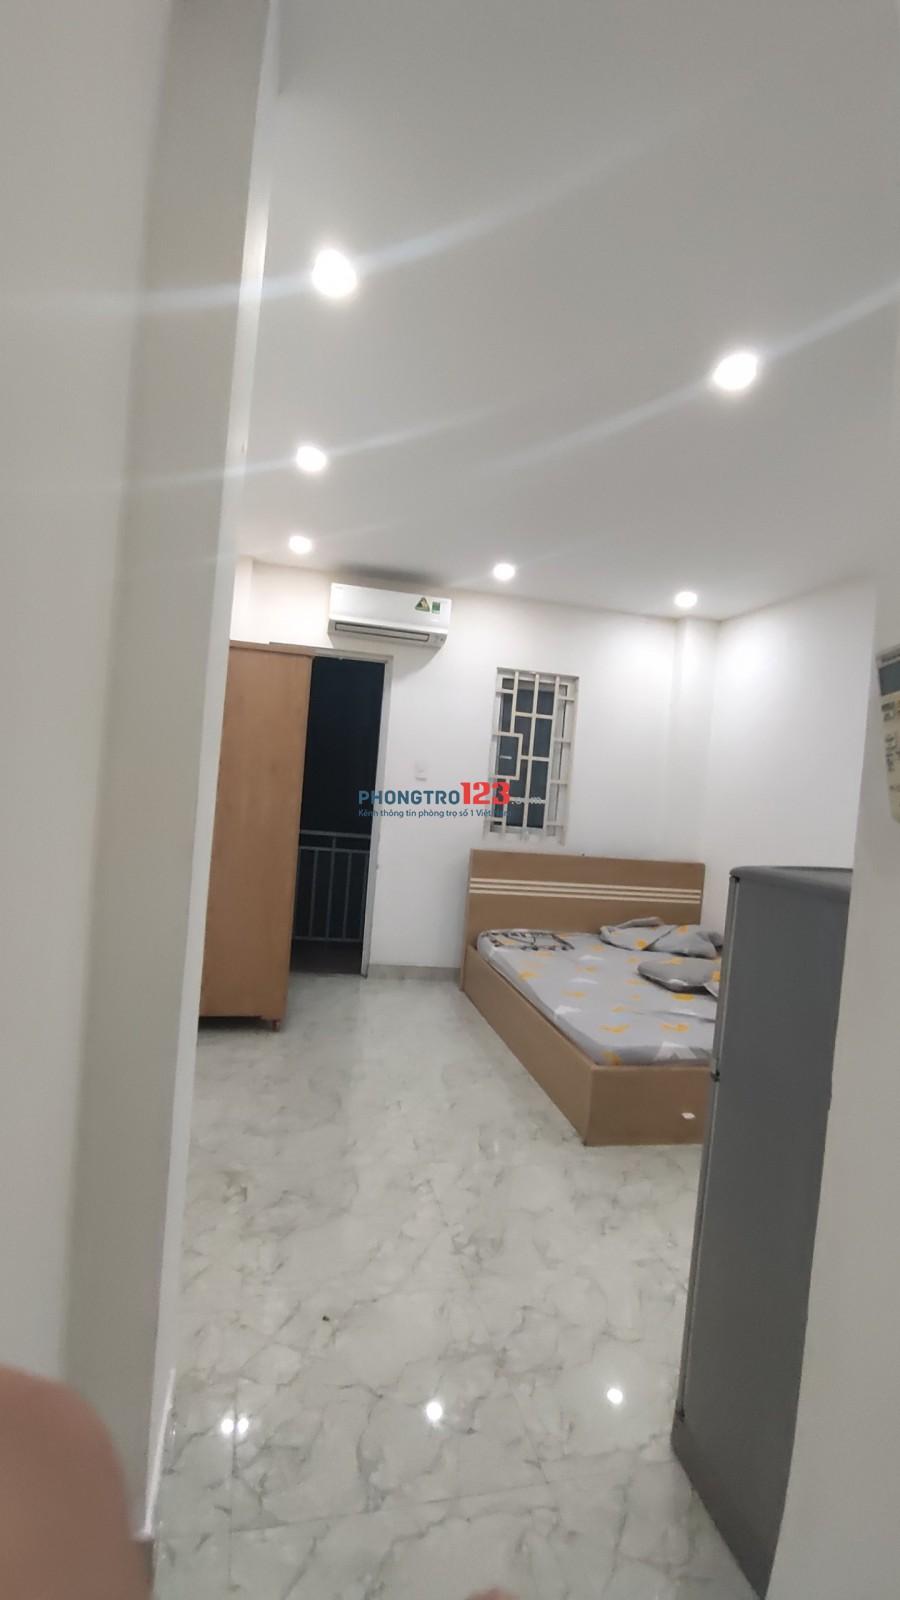 Cho thuê phòng trọ đường Nguyễn Cửu Vân , không chung chủ, chỉ 3.8 triệu/th, full tiện nghi